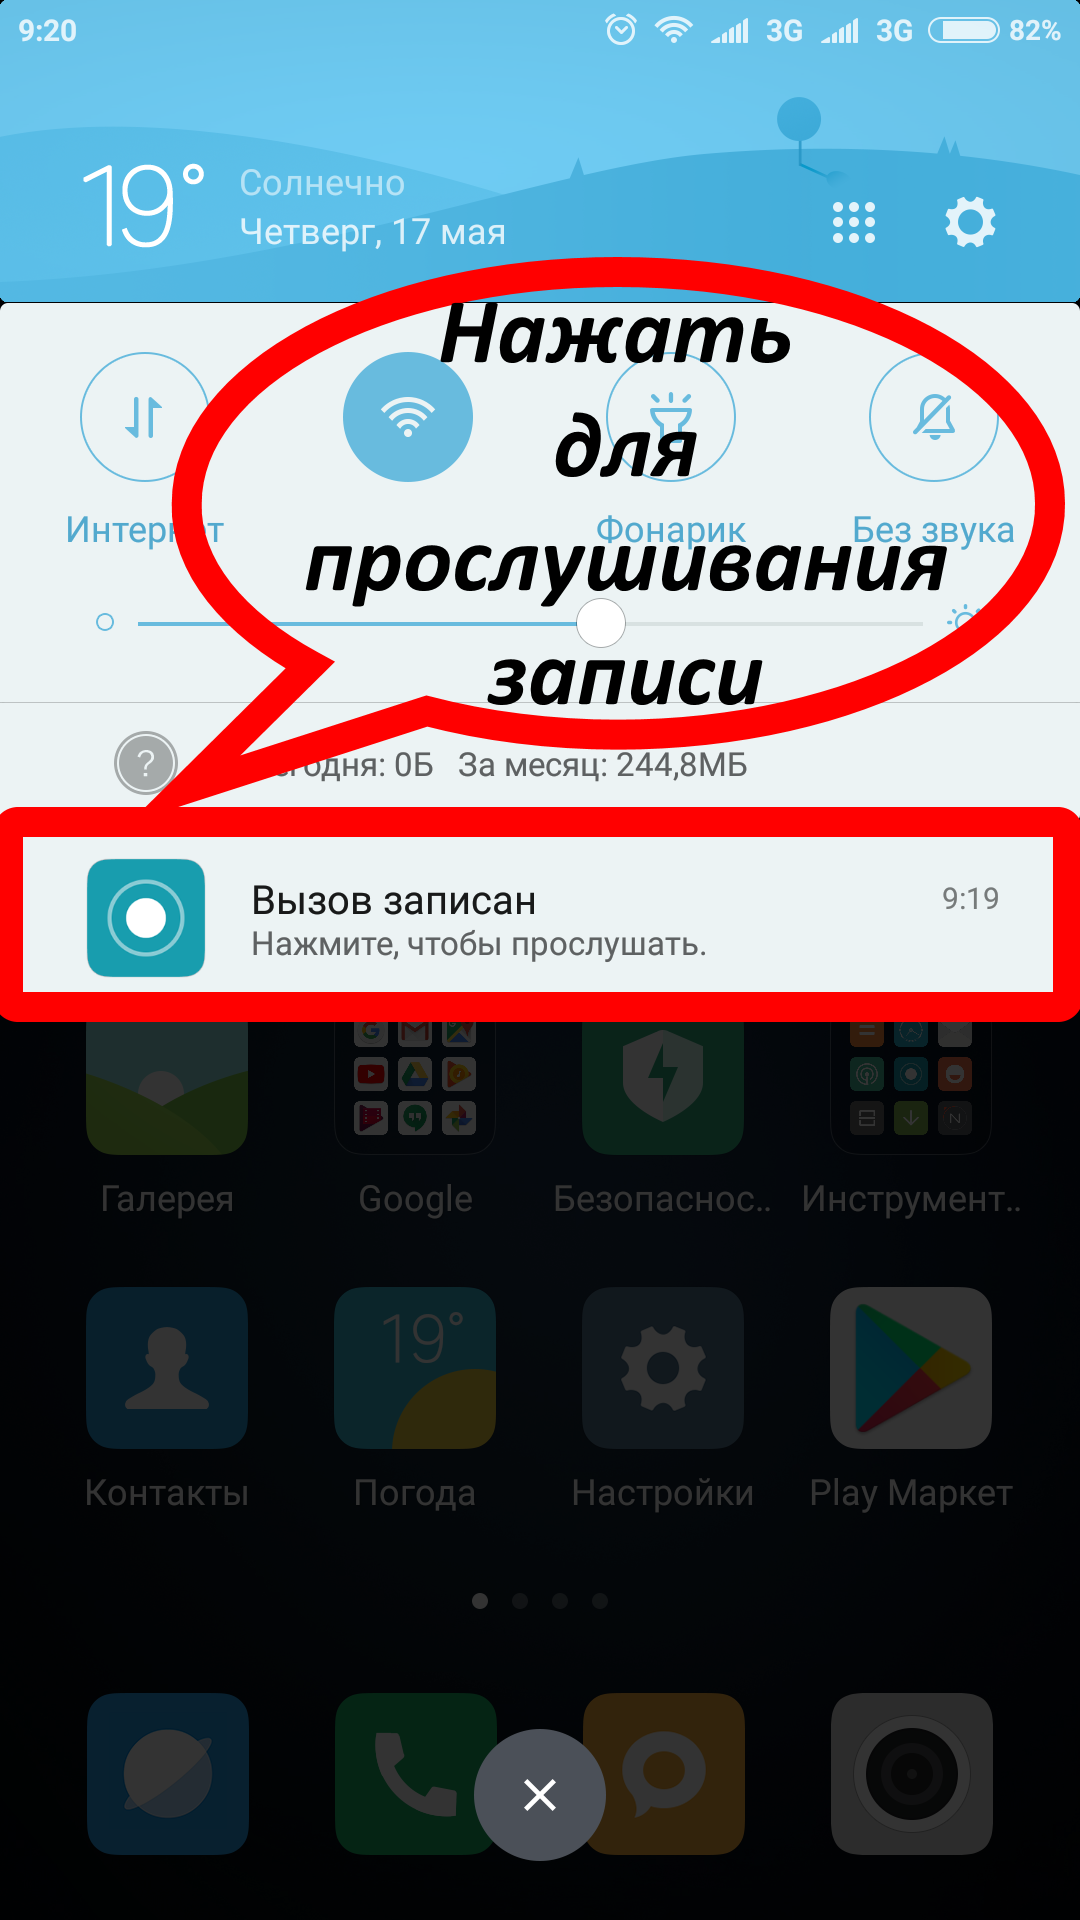 Прослушивание записанного вызова в Xiaomi Redmi 4 Pro